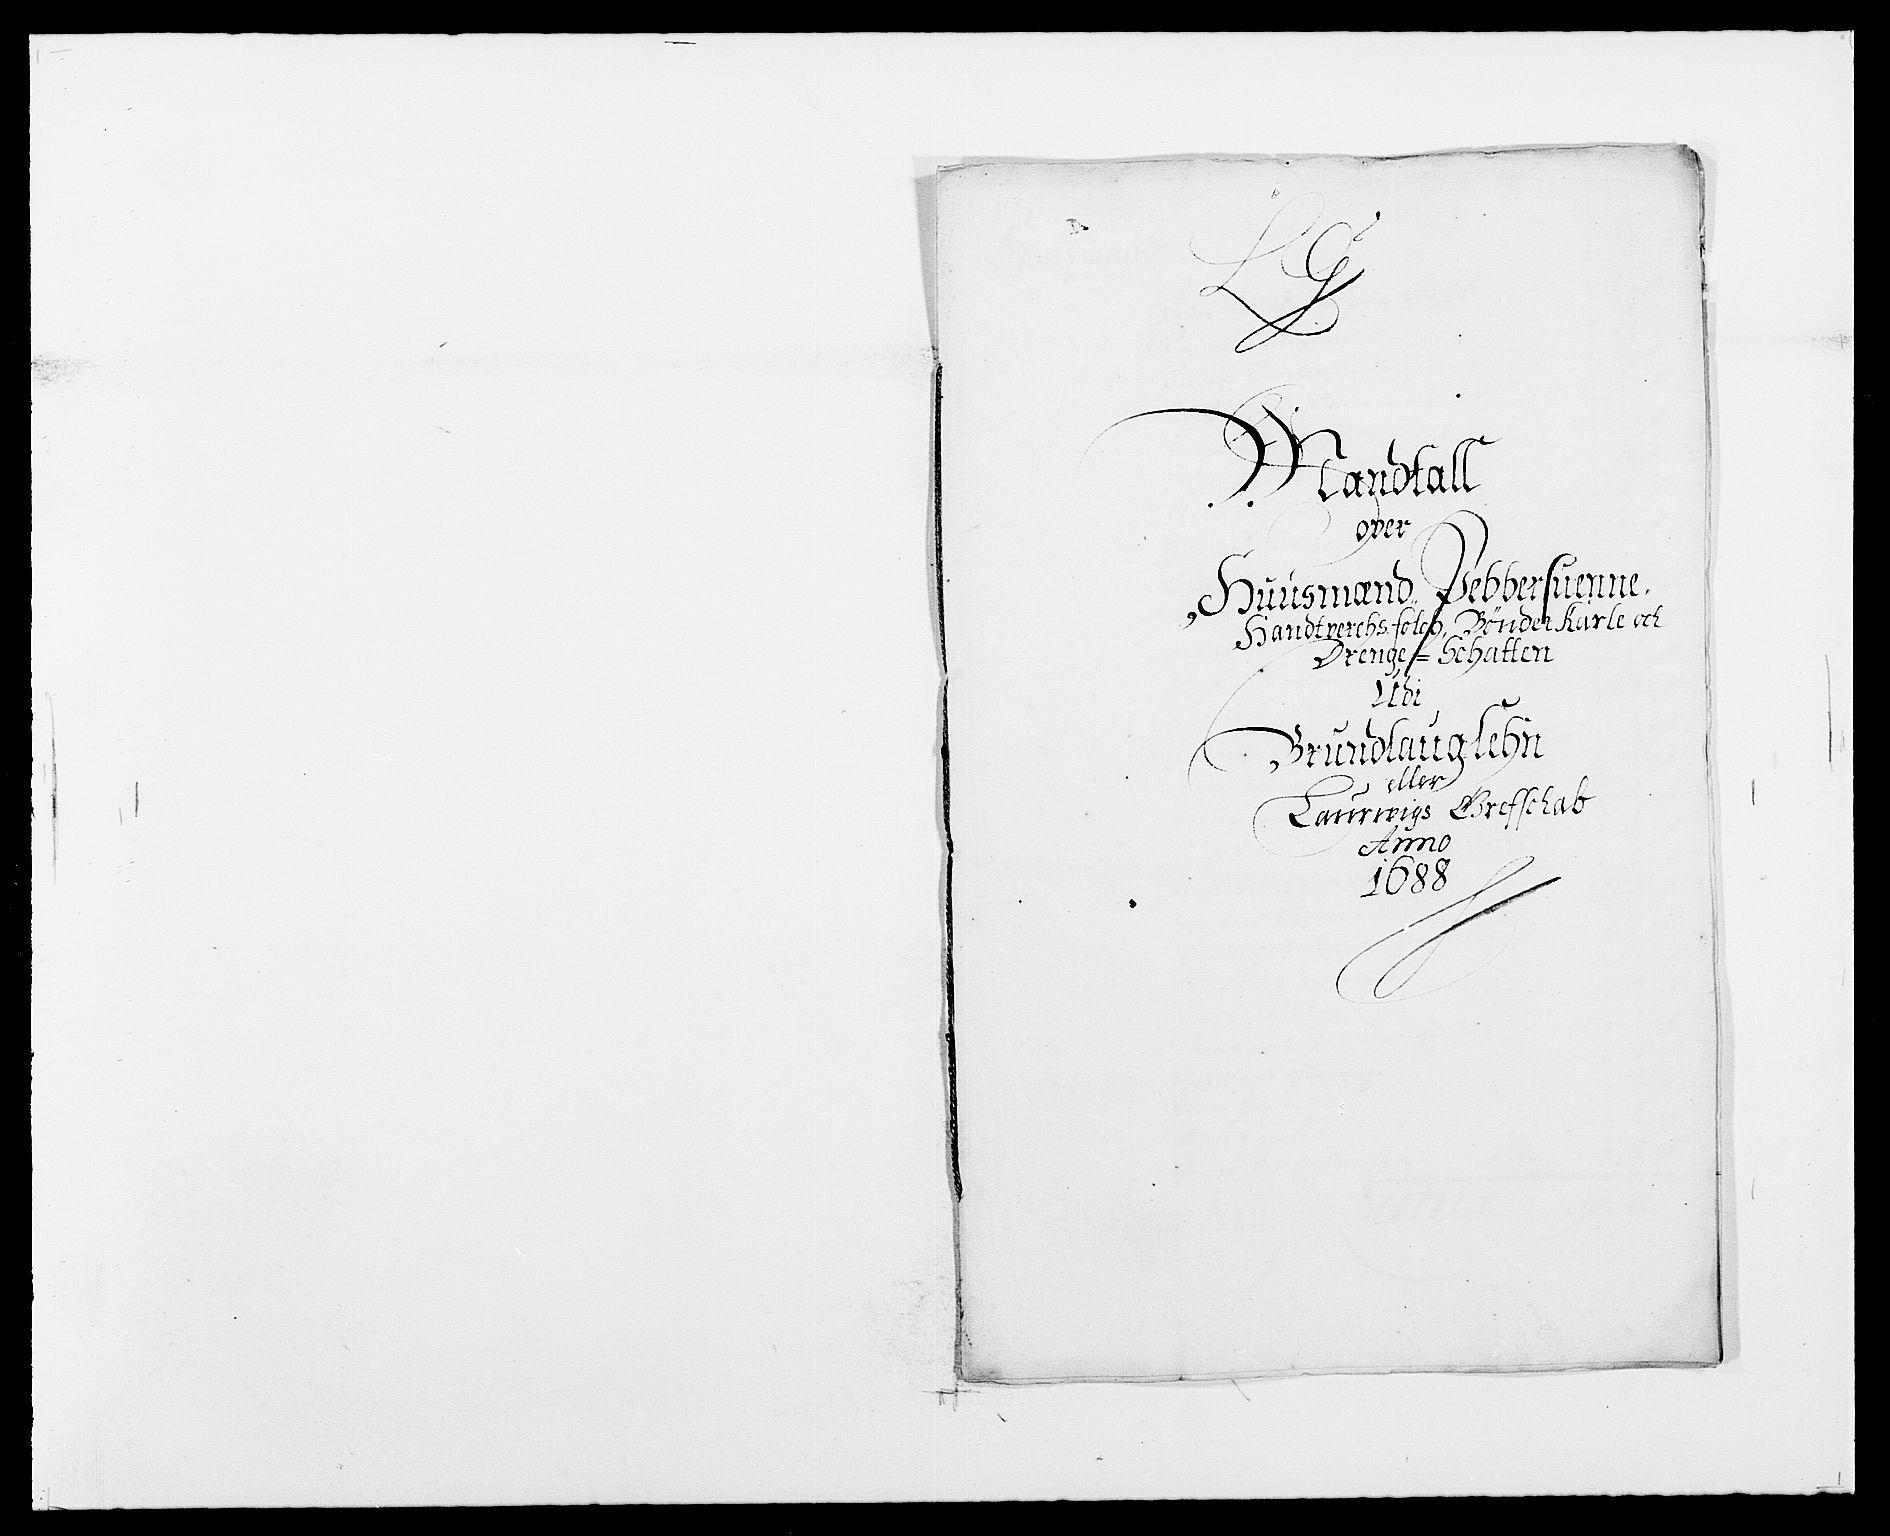 RA, Rentekammeret inntil 1814, Reviderte regnskaper, Fogderegnskap, R33/L1971: Fogderegnskap Larvik grevskap, 1688-1689, s. 128